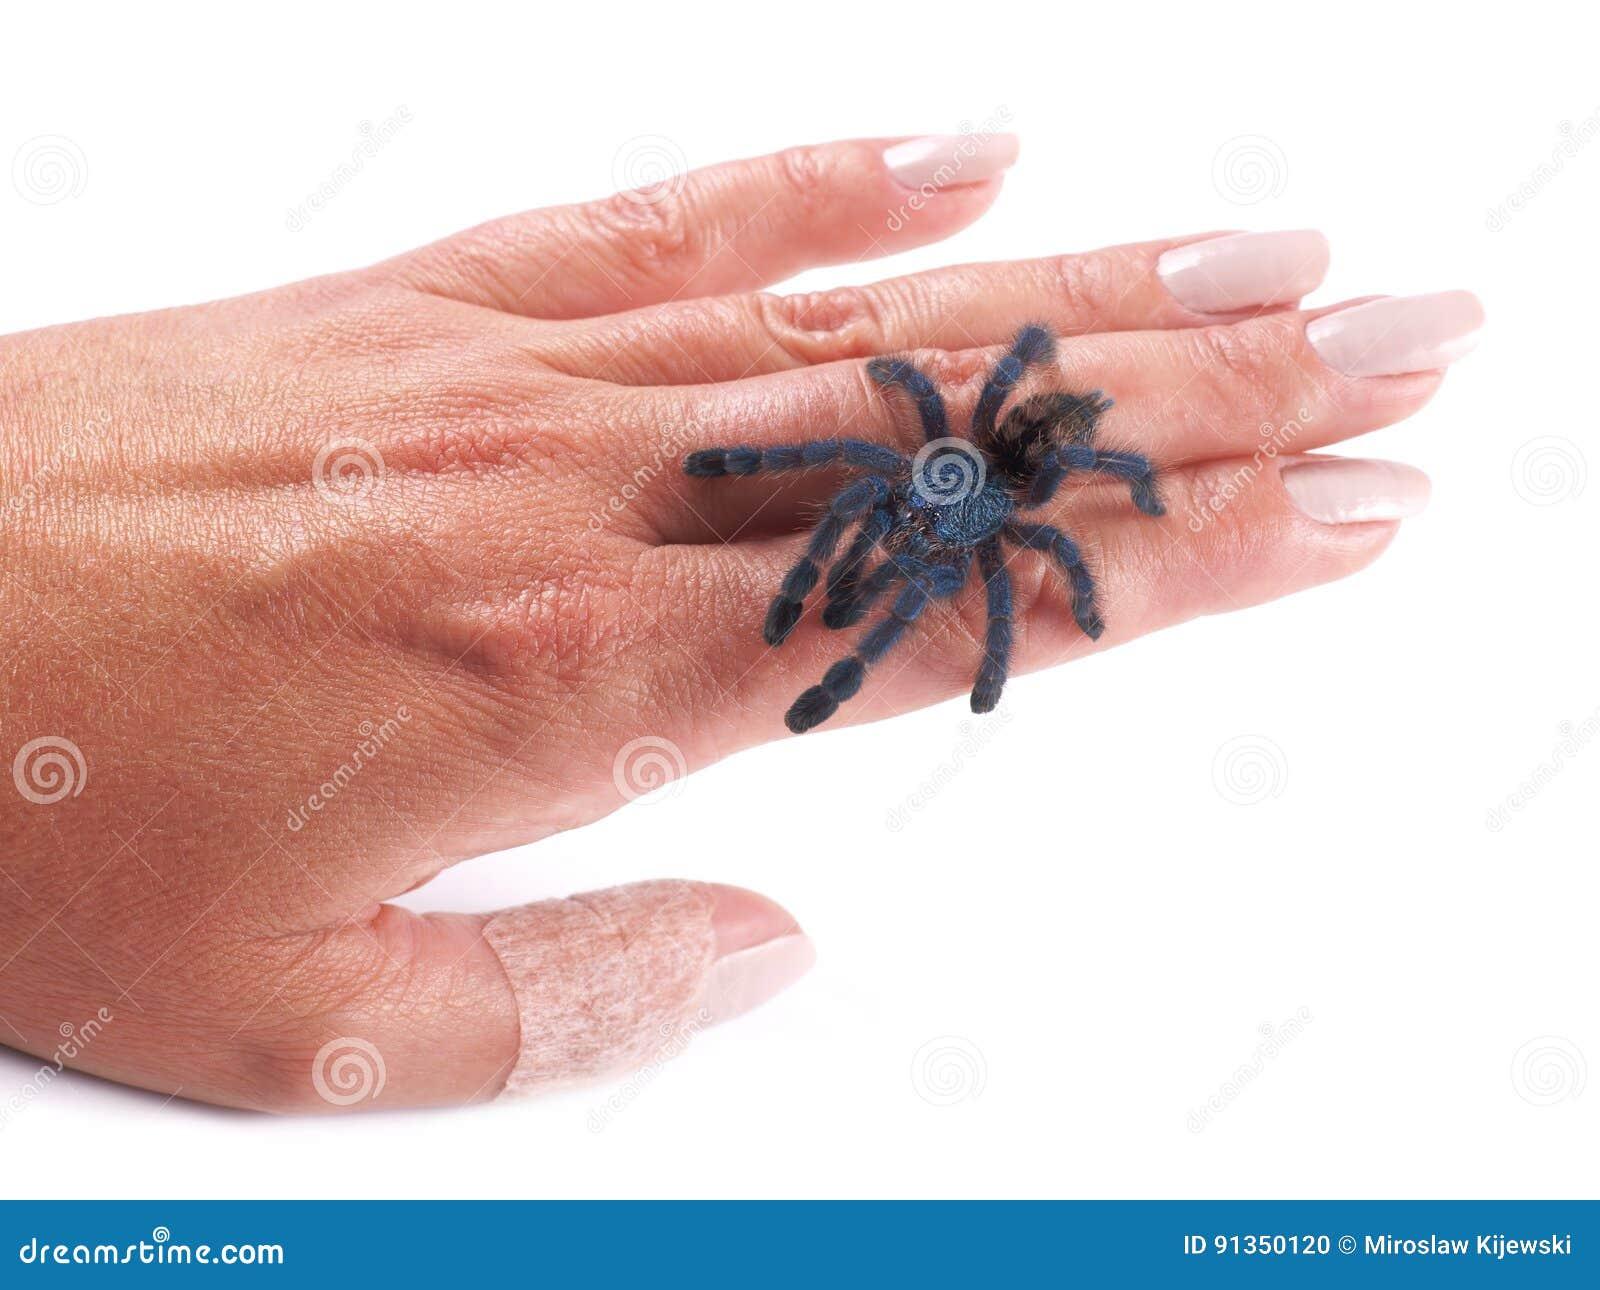 Araignée Avicularia versicolor, une jeune marche individuelle de tarentule sur une main du ` s de femme